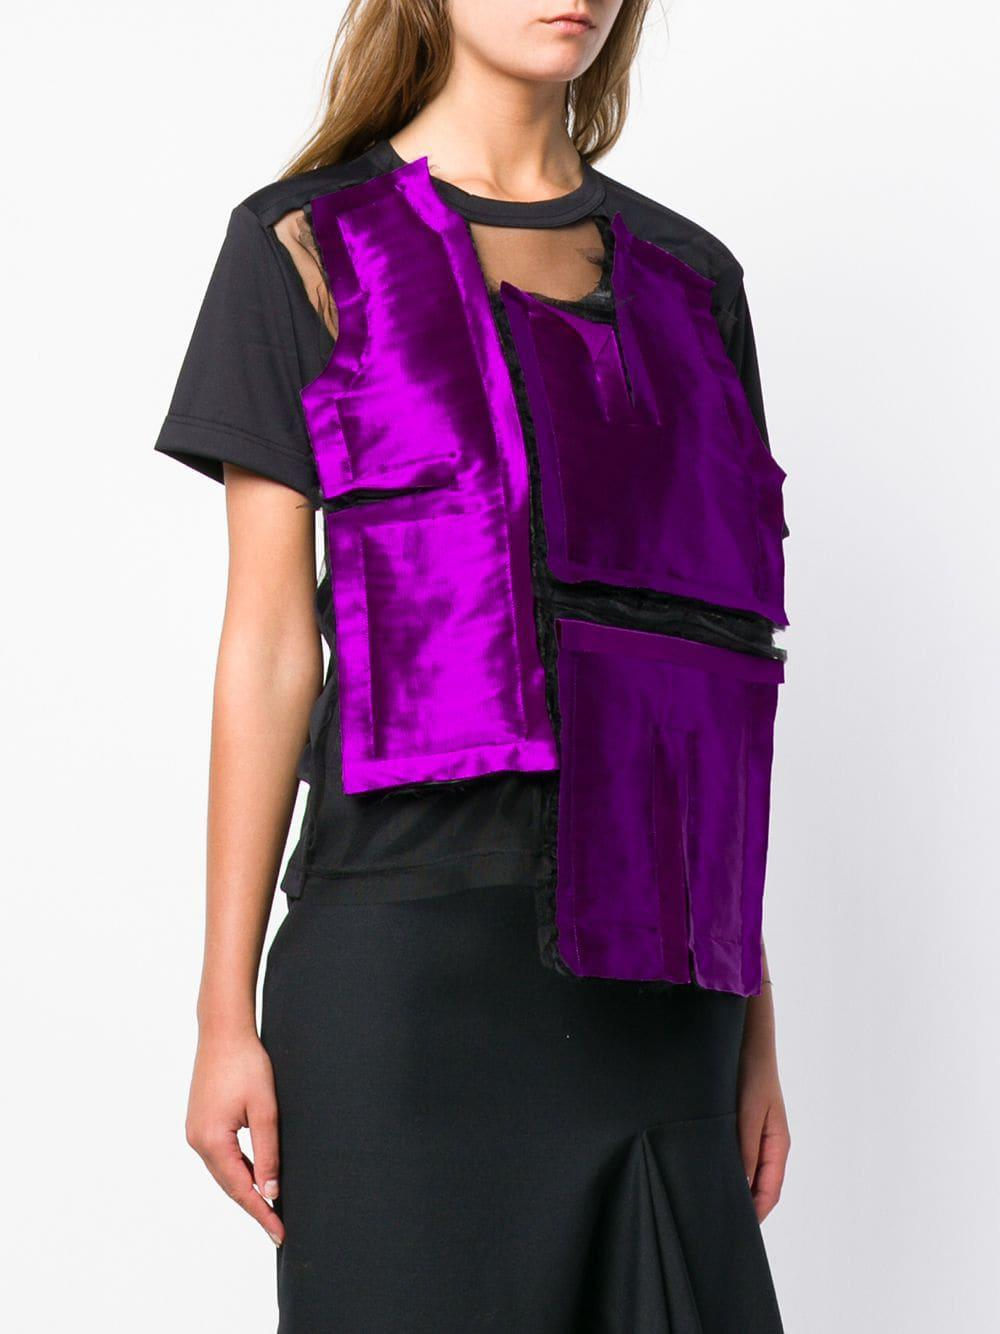 36c337435c81 Comme des Garçons Deconstructed T-shirt in Purple - Lyst